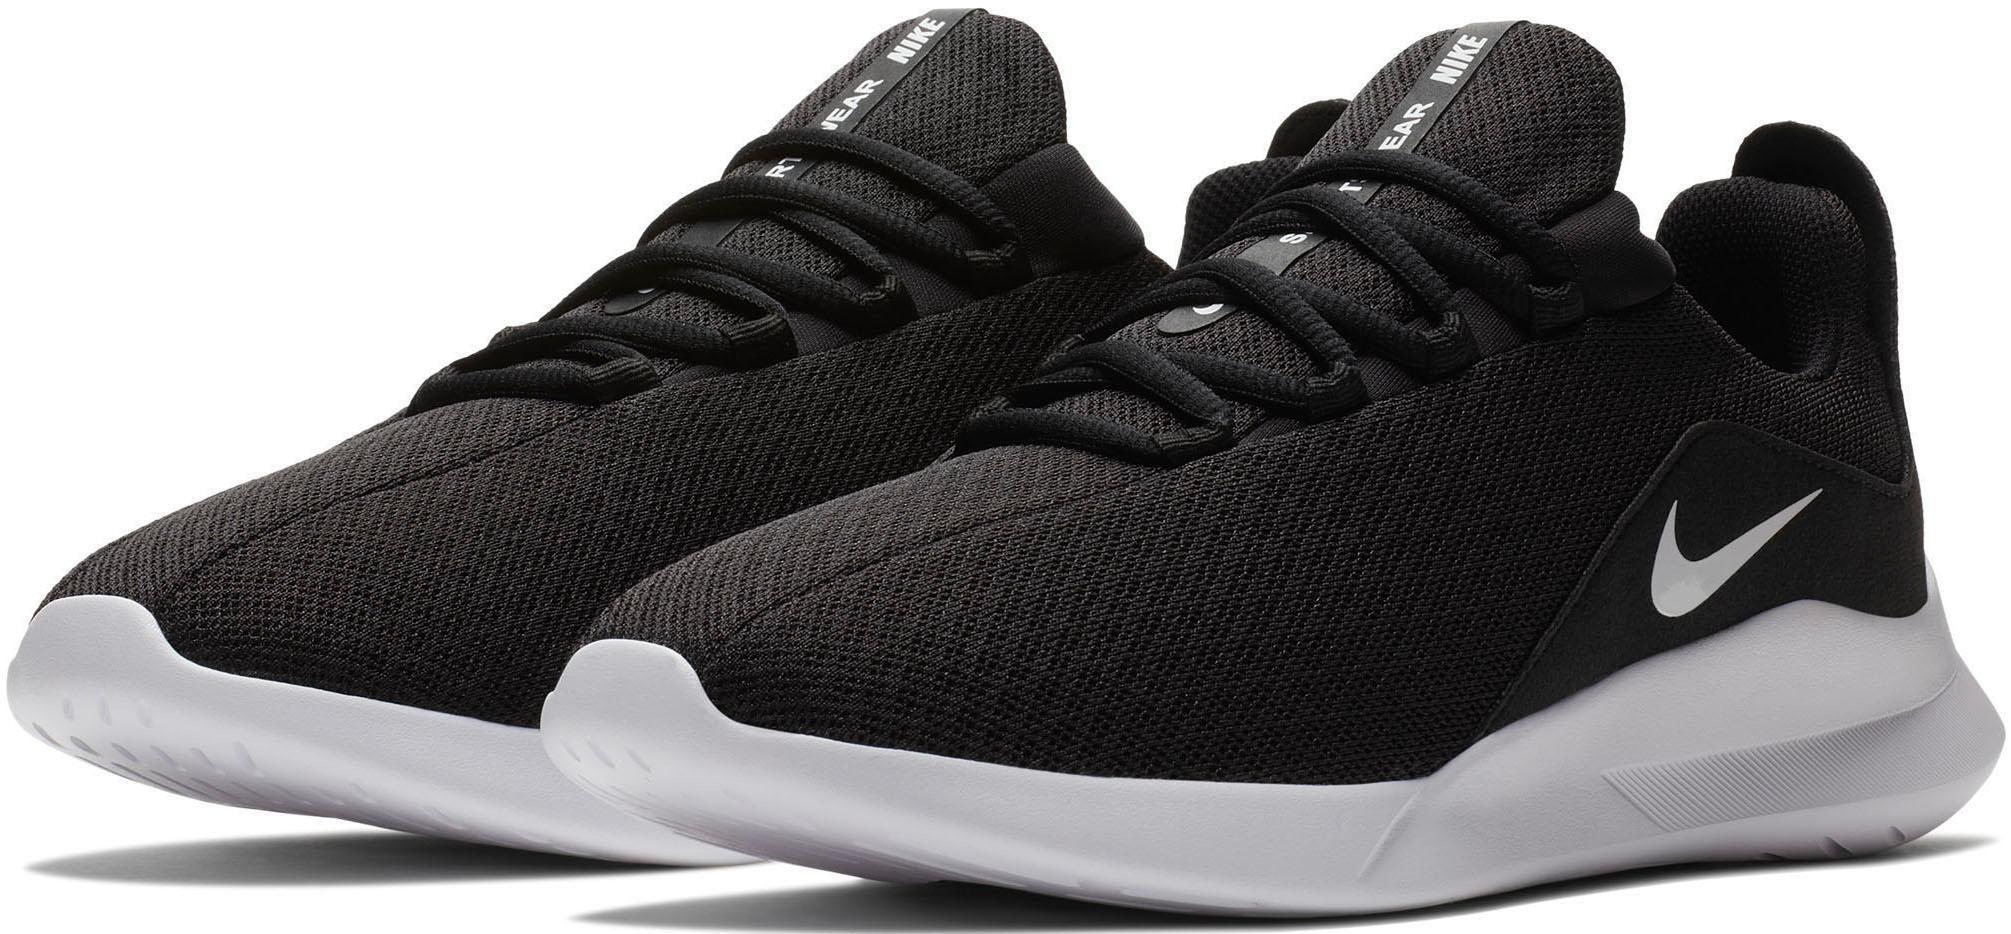 Nike Sportswear Sneaker  ;Viale  online es kaufen   Gutes Preis-Leistungs-Verhältnis, es online lohnt sich,Trend-2564 12adfb